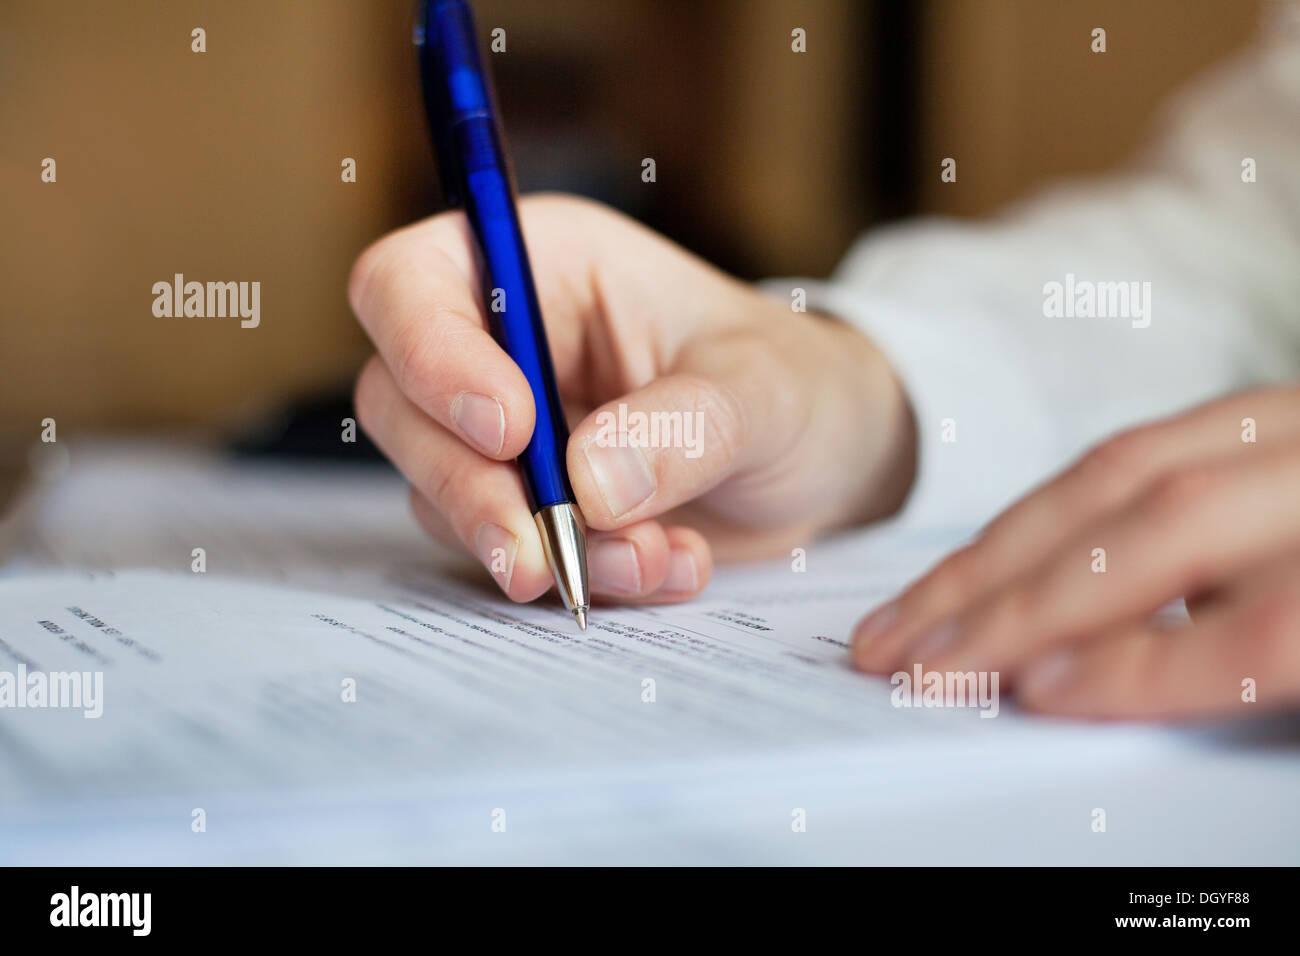 Business man lavora con documenti in ufficio, documenti cartacei Immagini Stock